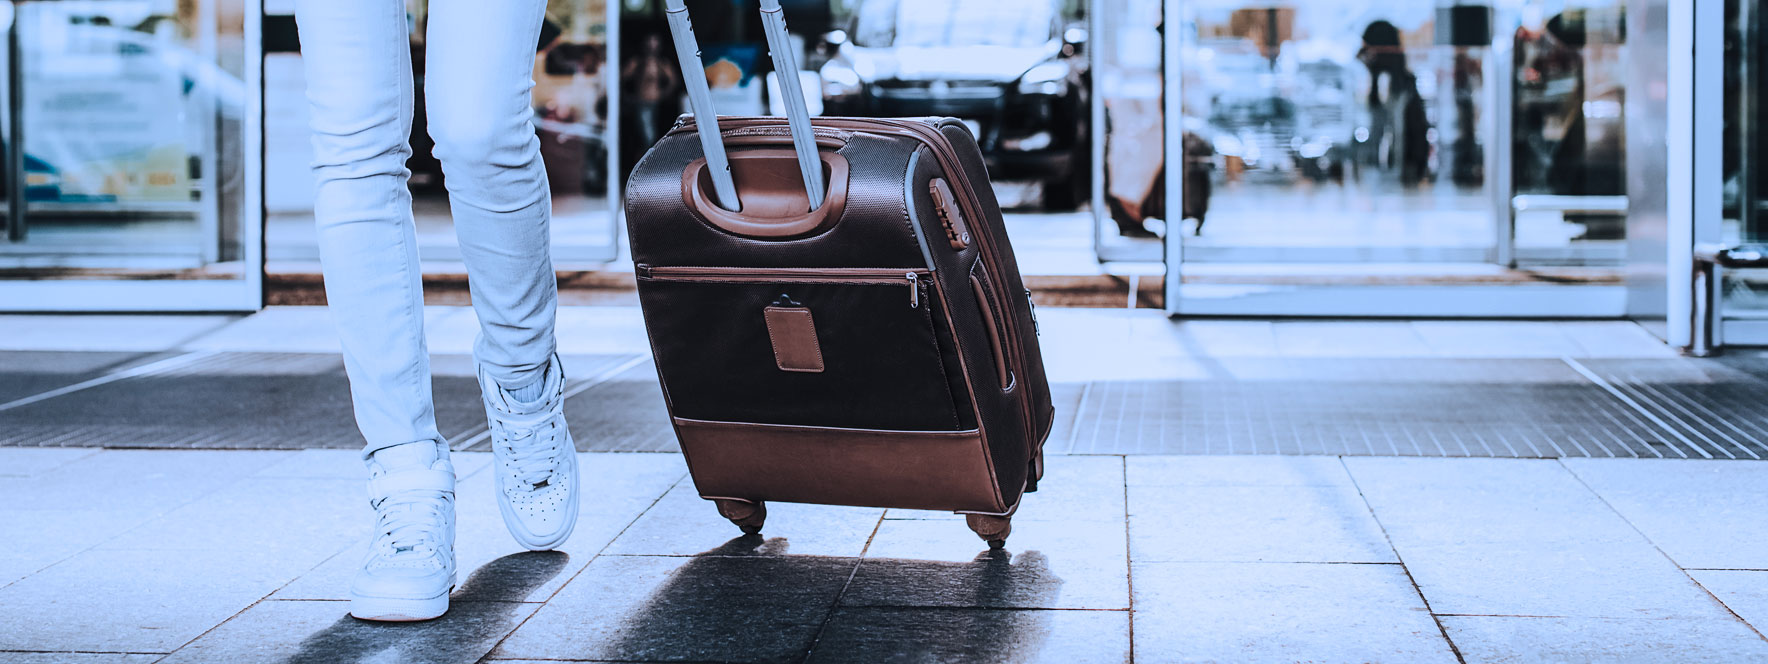 Femme à l'aréoport, évacuez votre stress du voyage